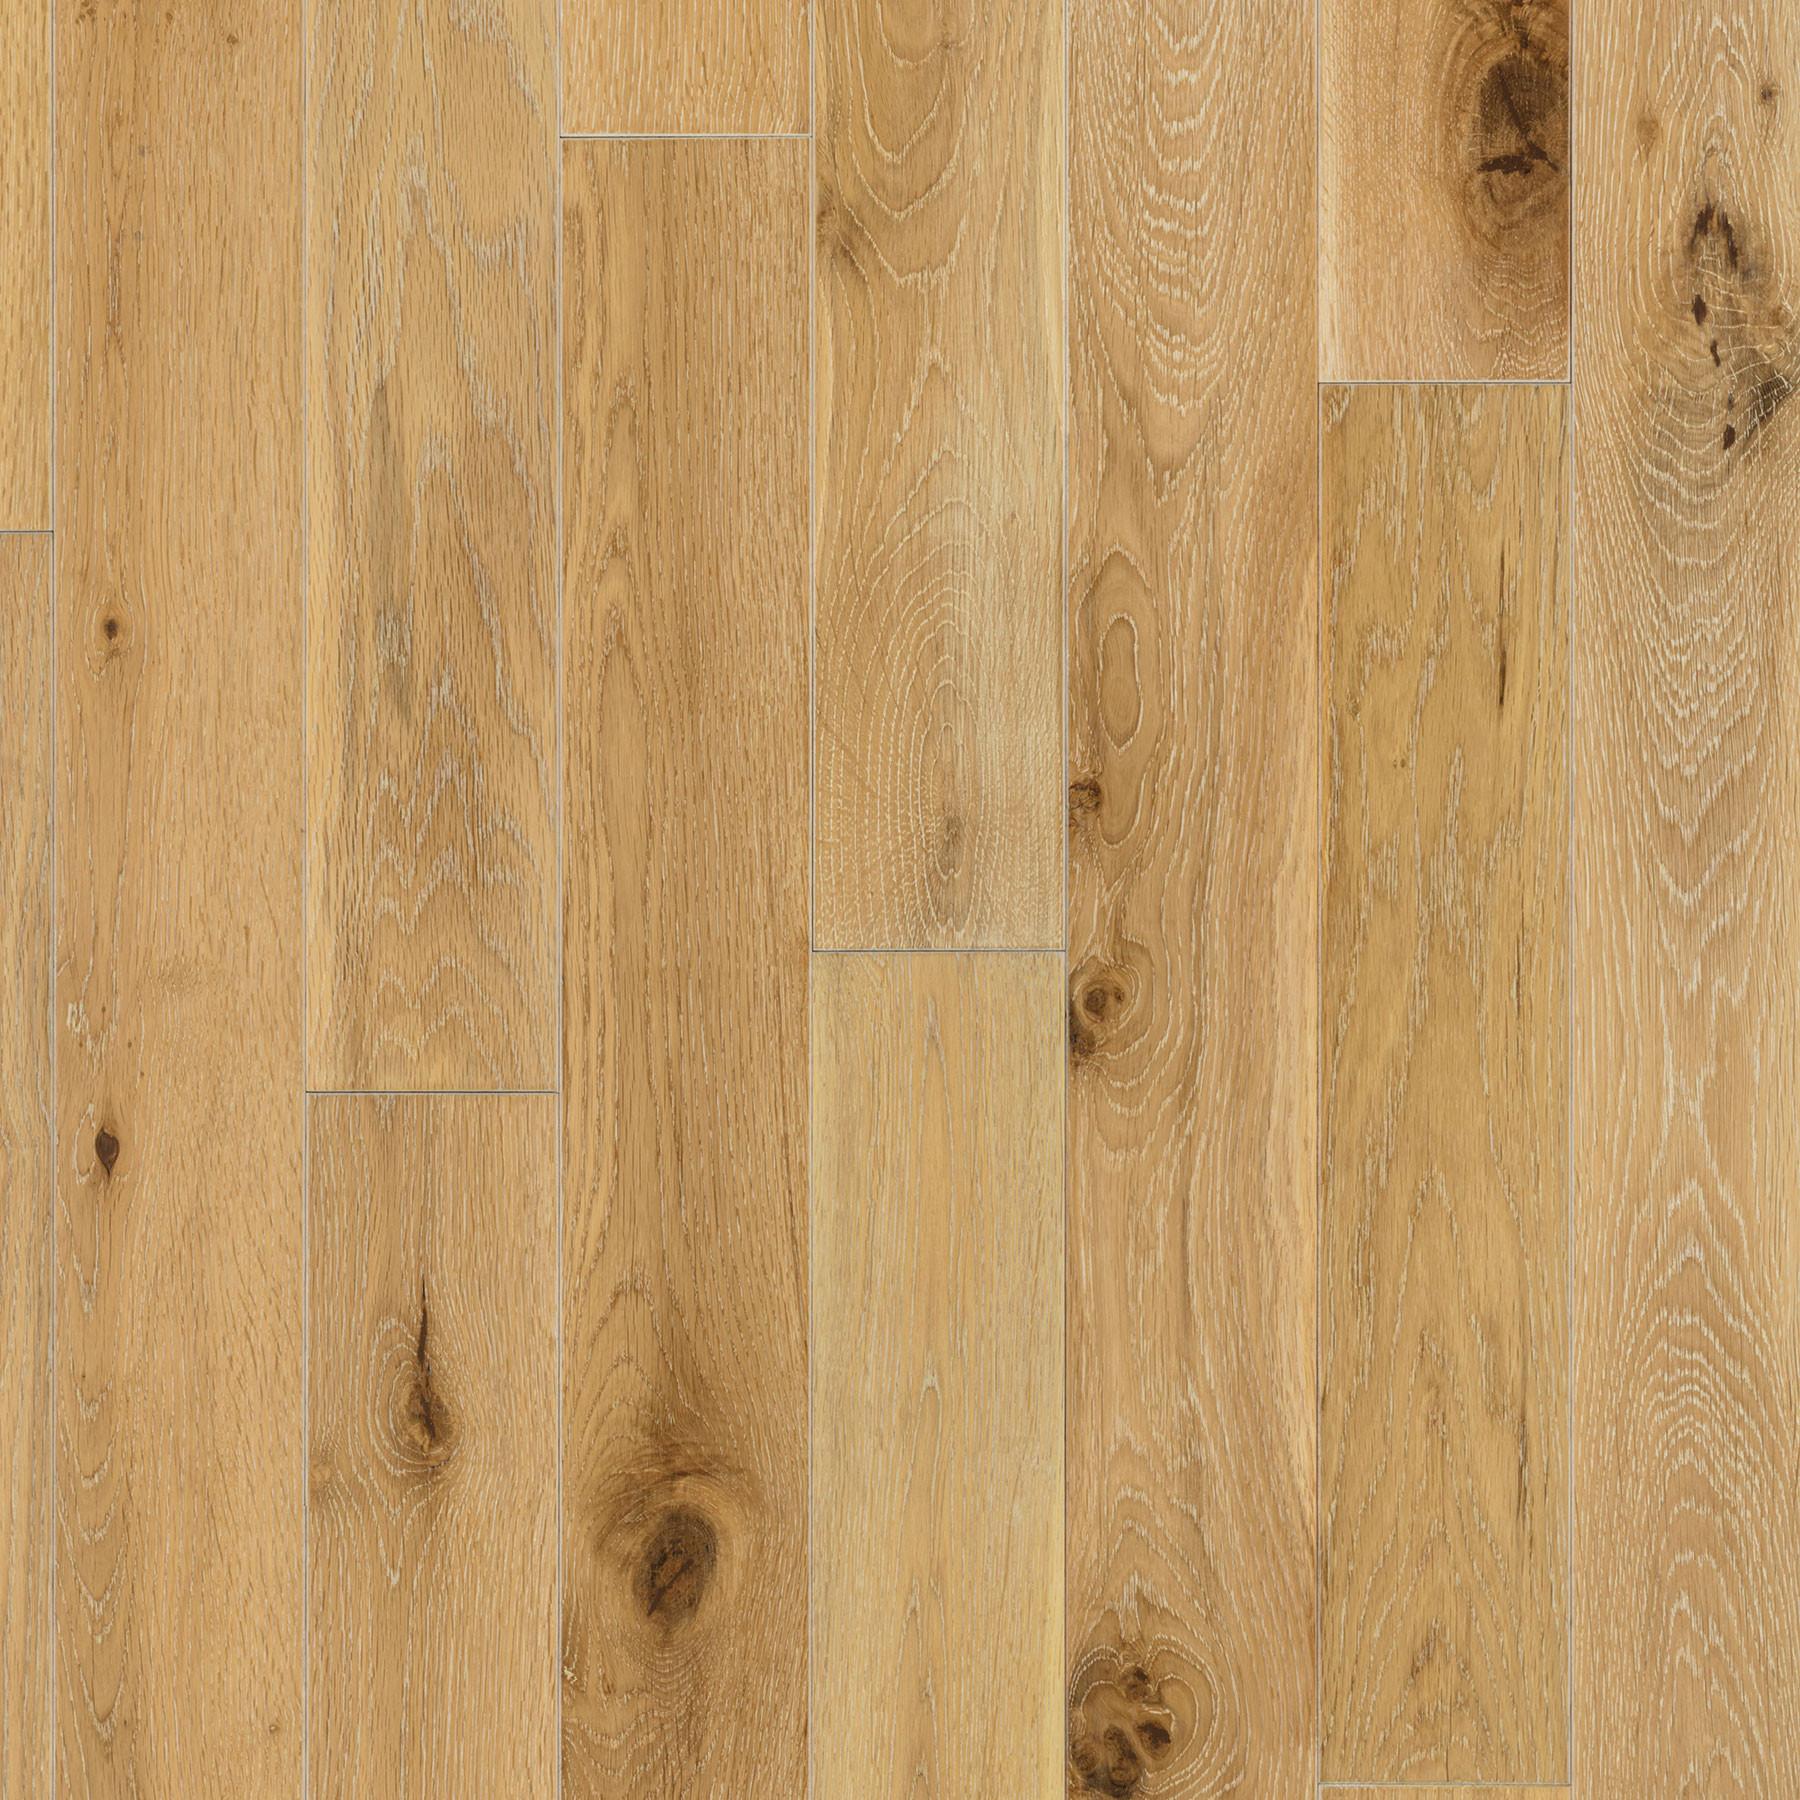 white oak hardwood flooring of harbor oak 3 1 2″ white oak white washed etx surfaces throughout harbor oak 3 1 2″ white oak white washed